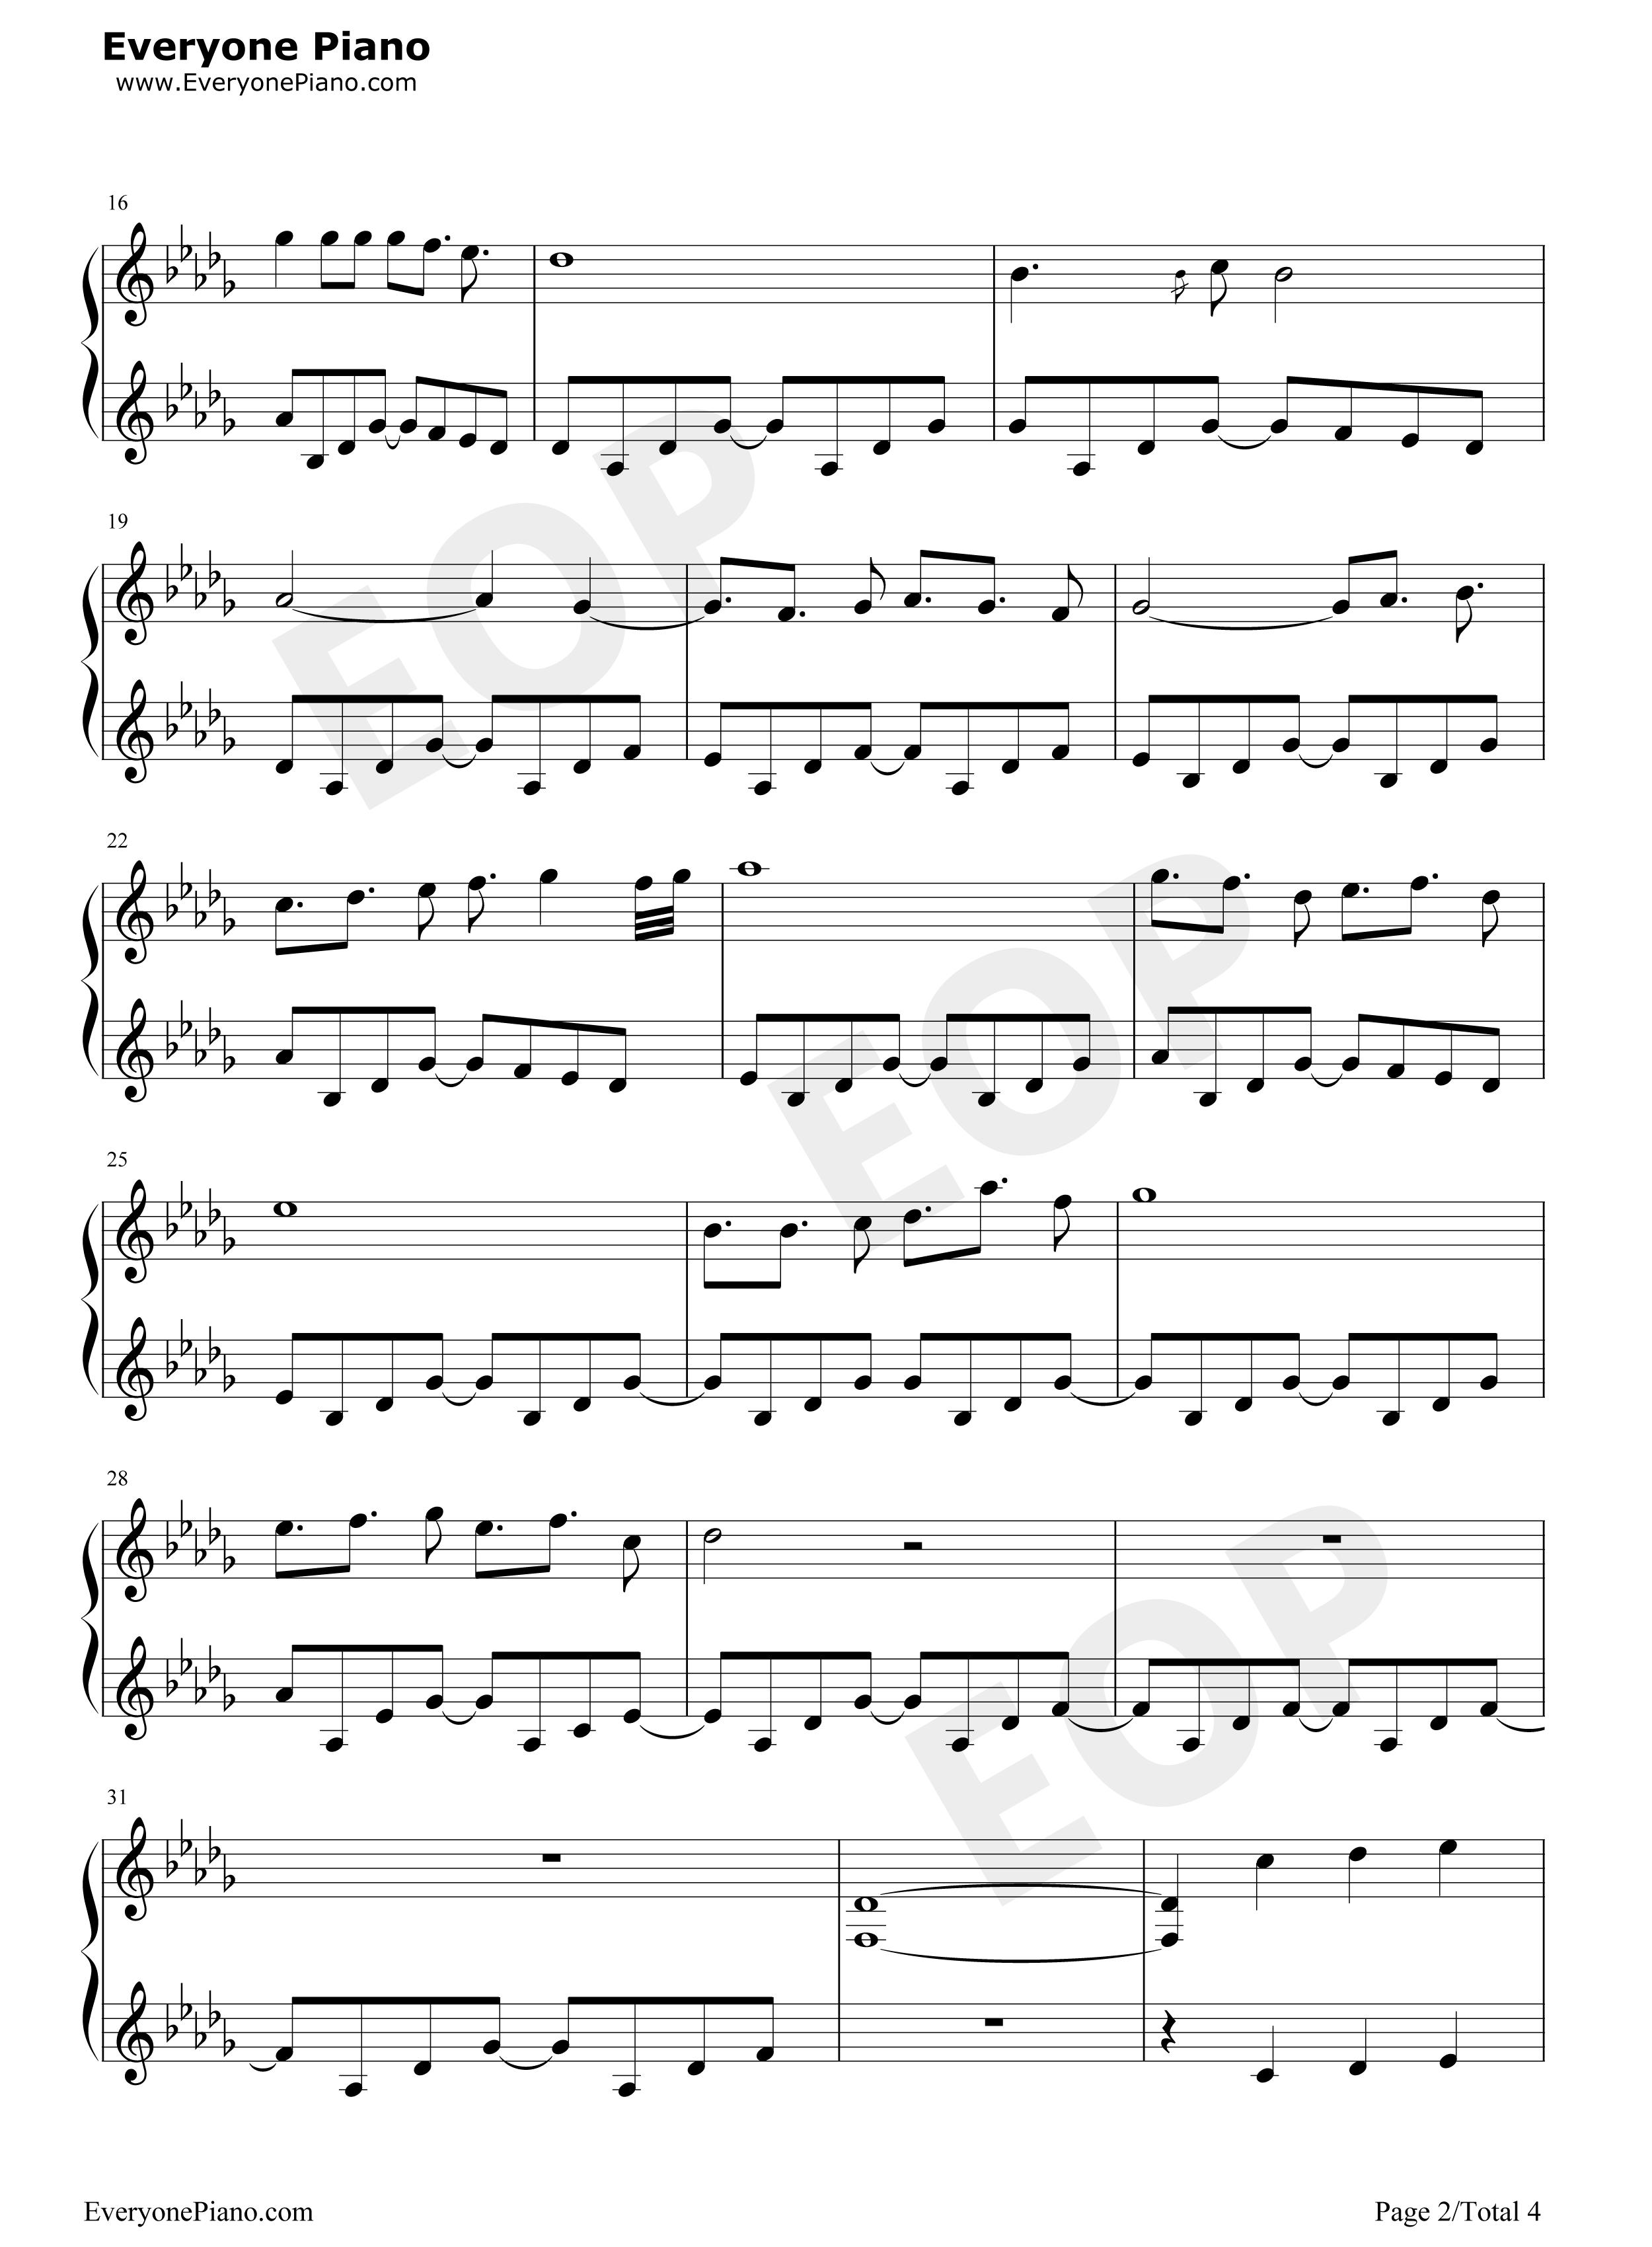 钢琴曲谱 动漫 天空之城-冒险岛maple story背景音乐 天空之城-冒险岛